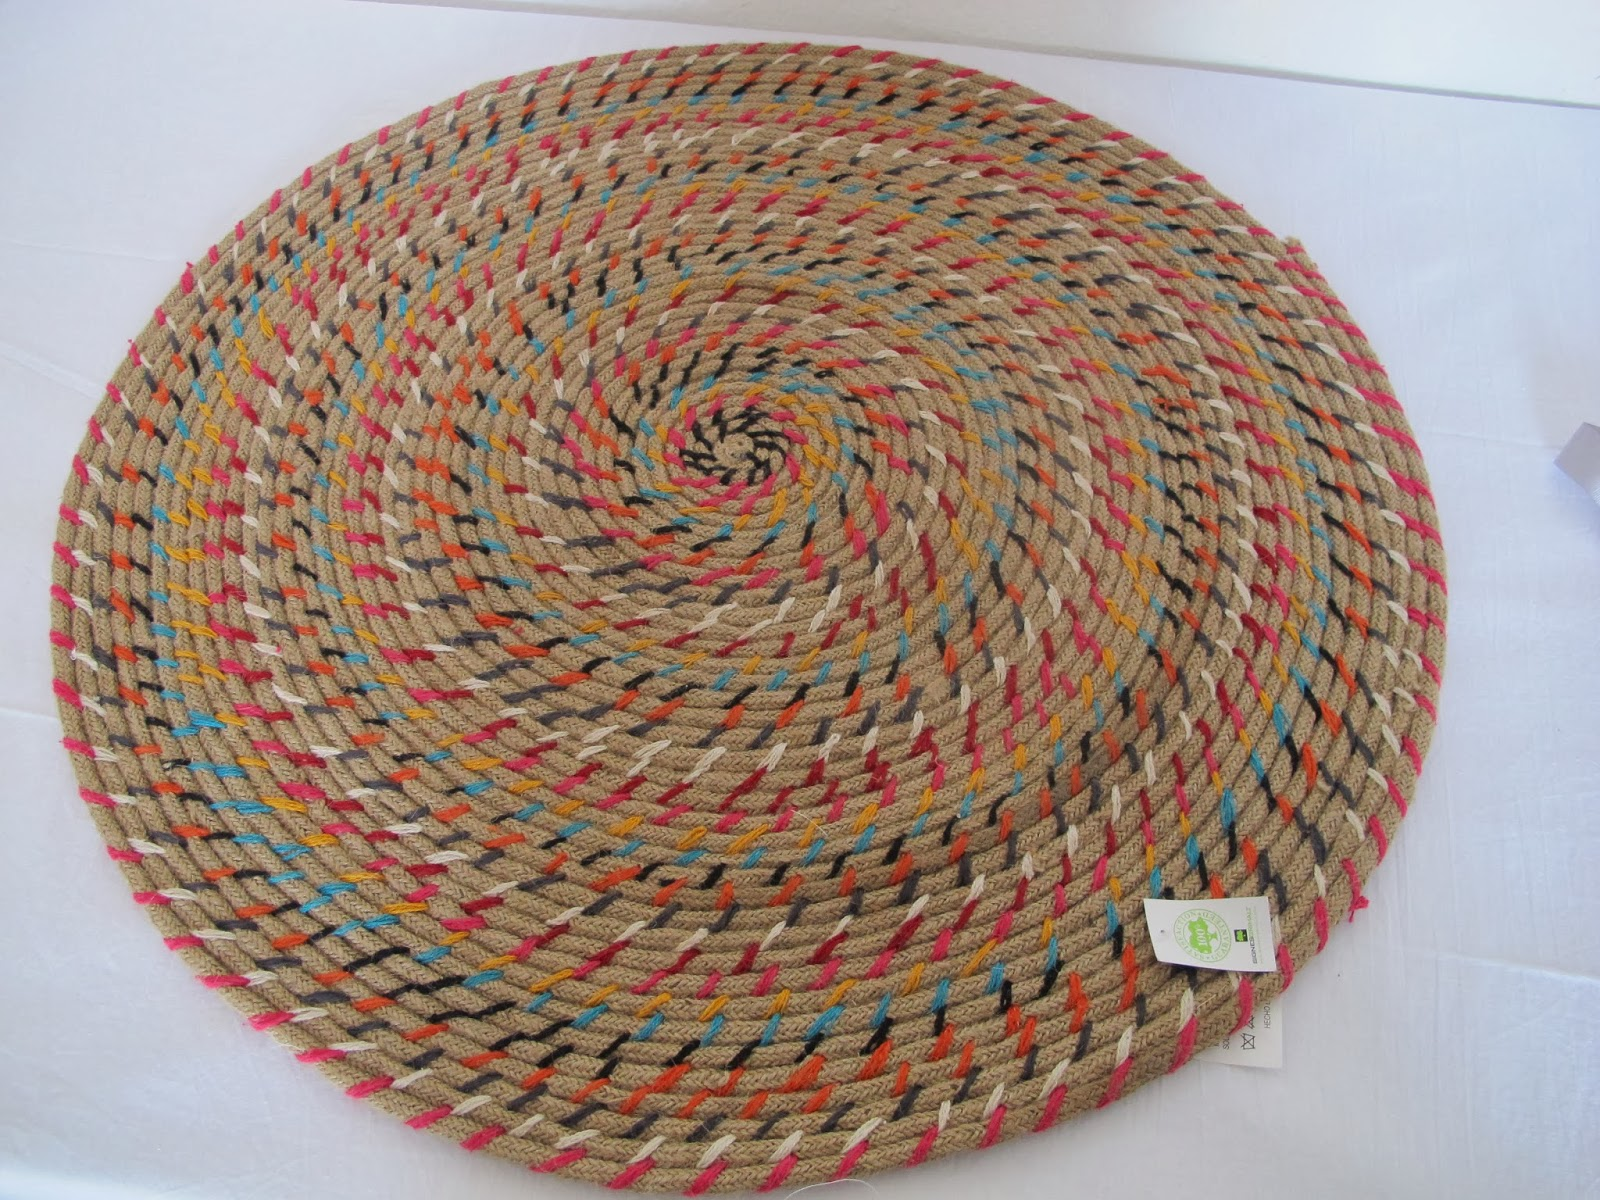 Mimitos home alfombras indias de telas y yute i dale for Alfombras persas usadas precios